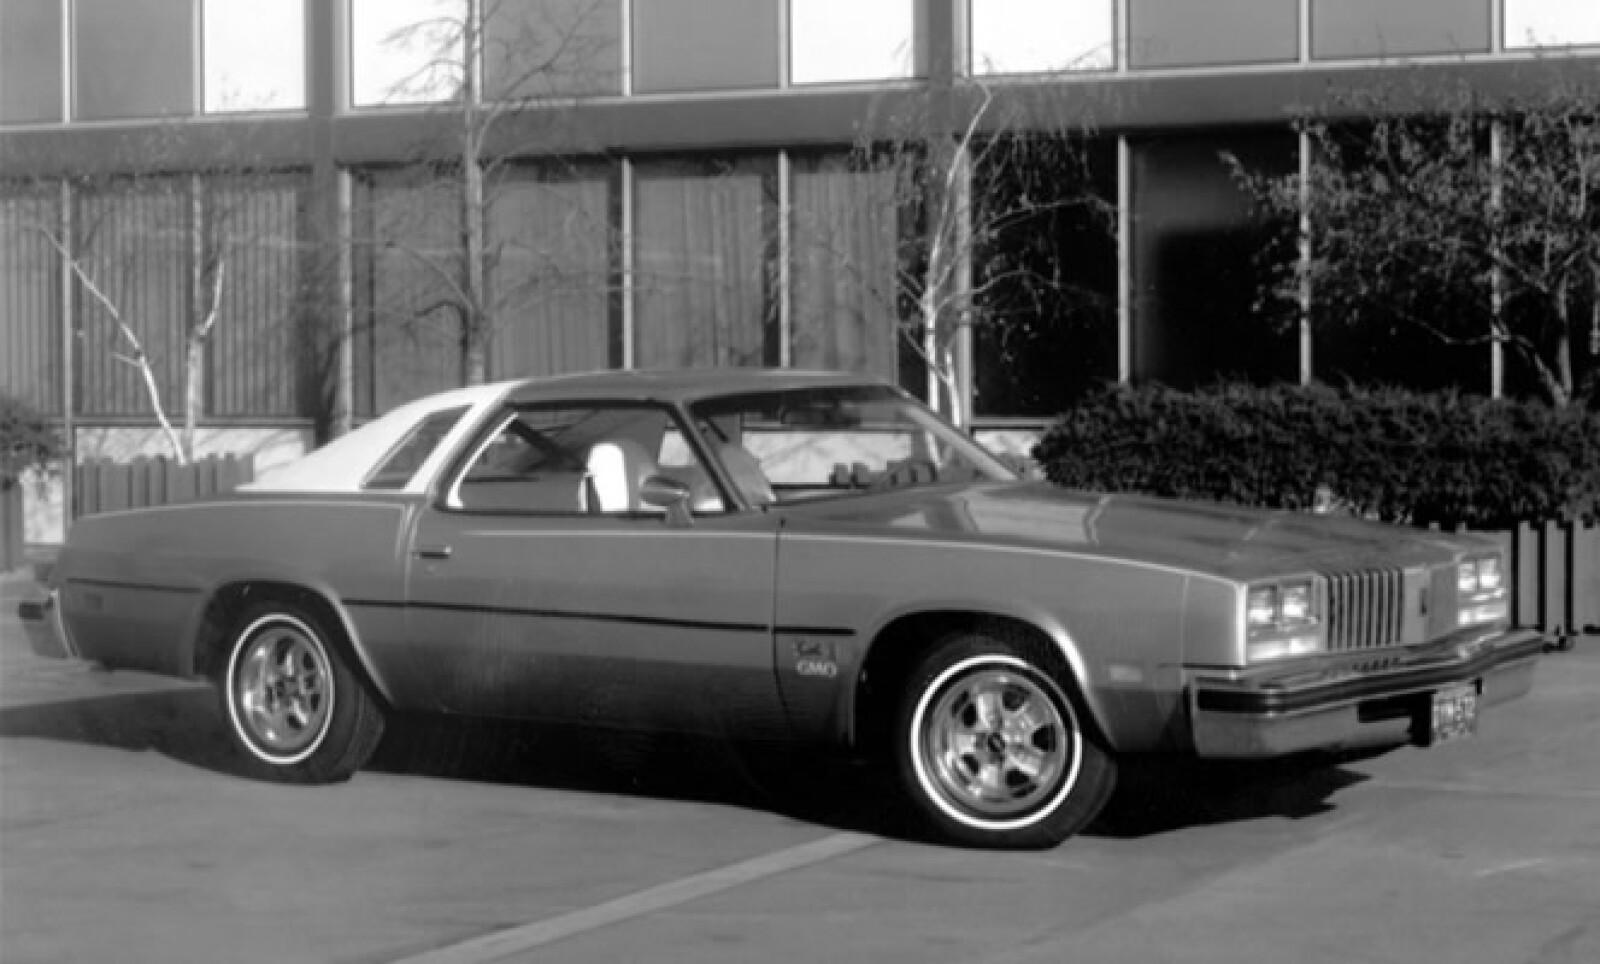 Introducido en el mercado estadounidense en 1961, esta versión se convirtió en uno de los favoritos en la década de los 70. Su último modelo fue producido en 1999.